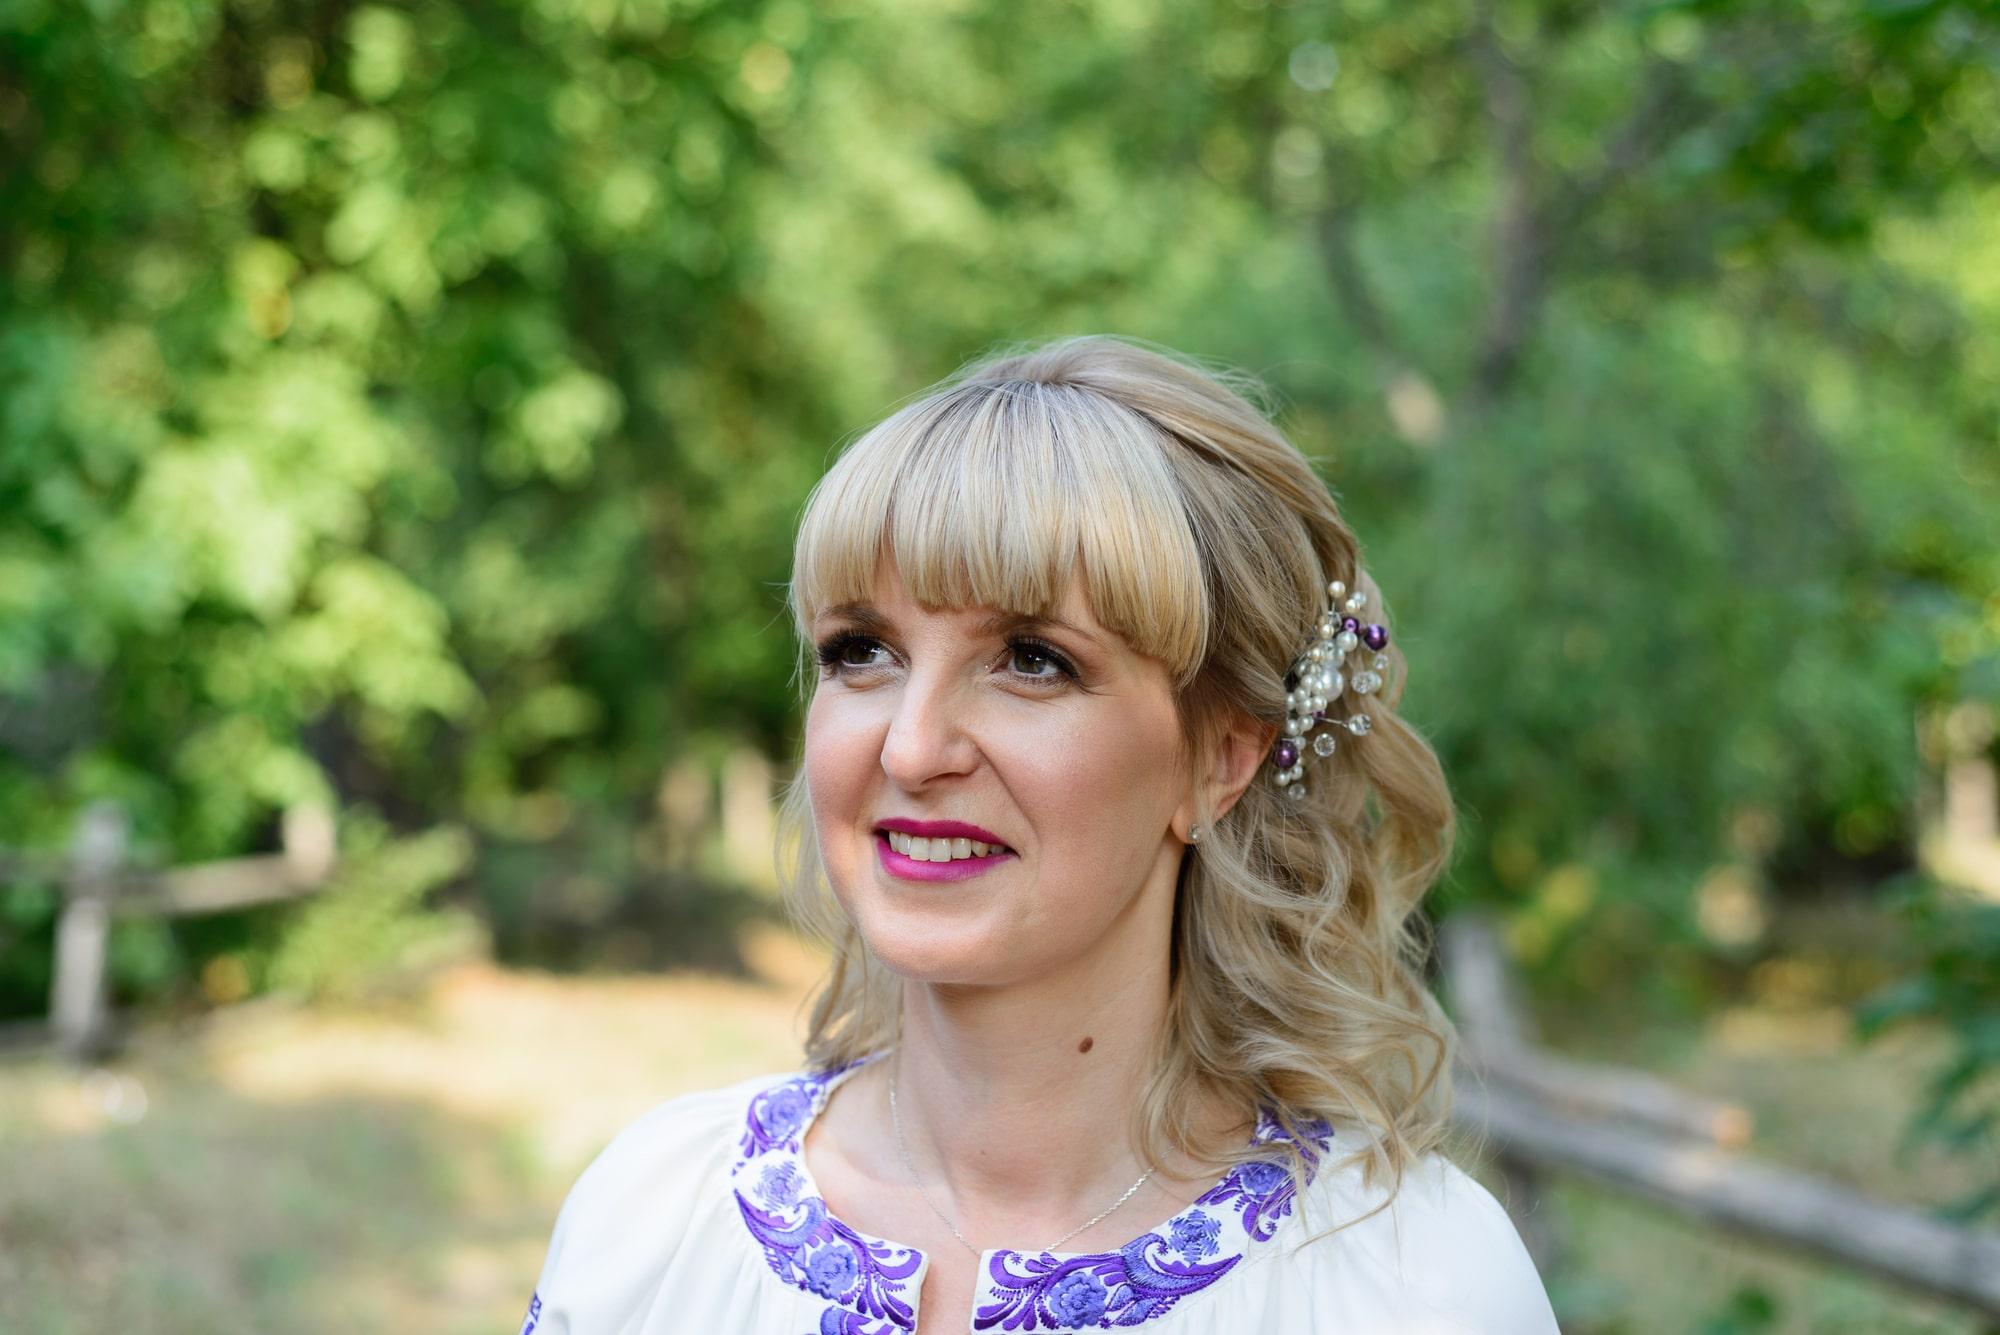 Свадебная фотосессия в Пирогово - невеста в вышиванке